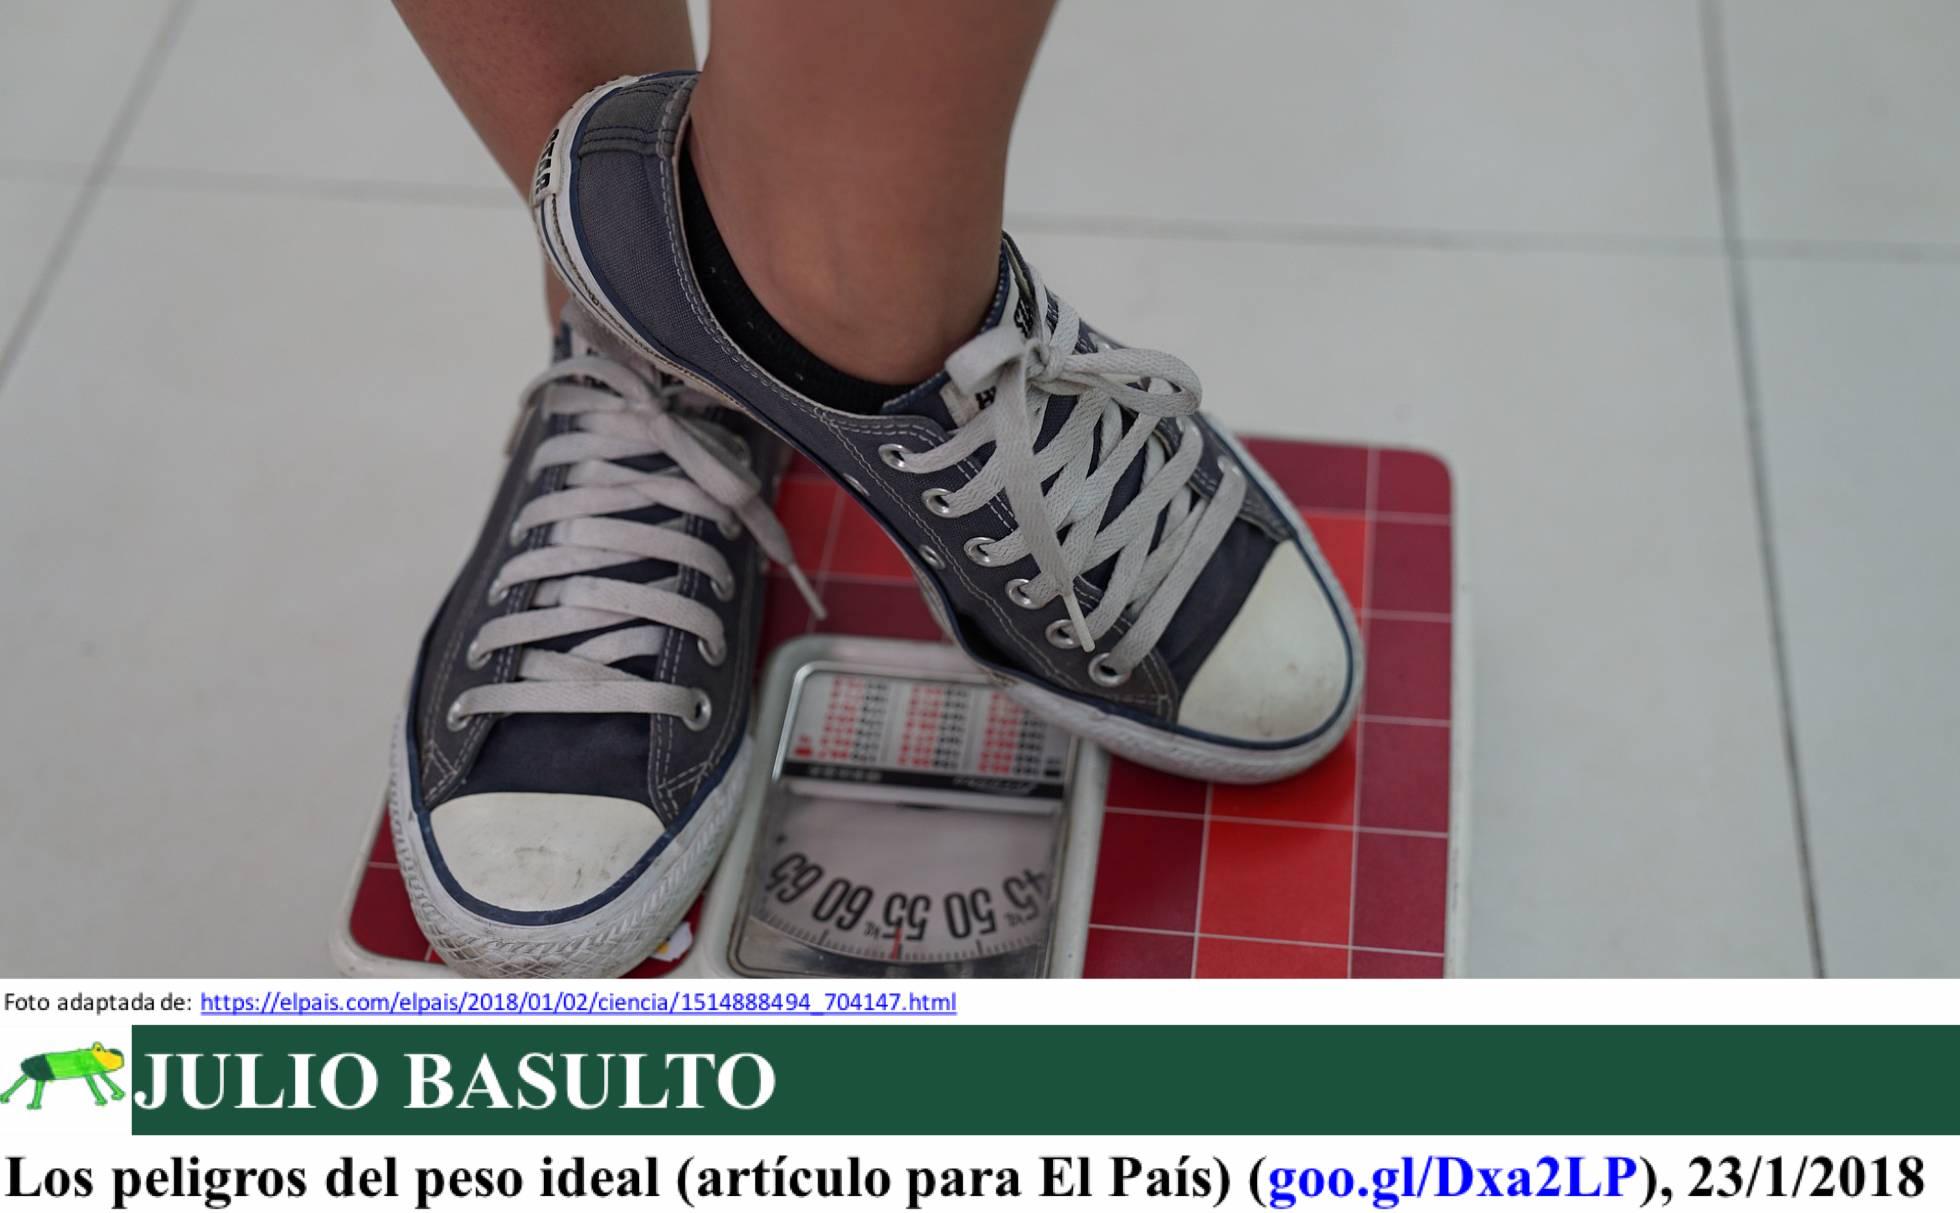 Los peligros del peso ideal (artículo para El País)